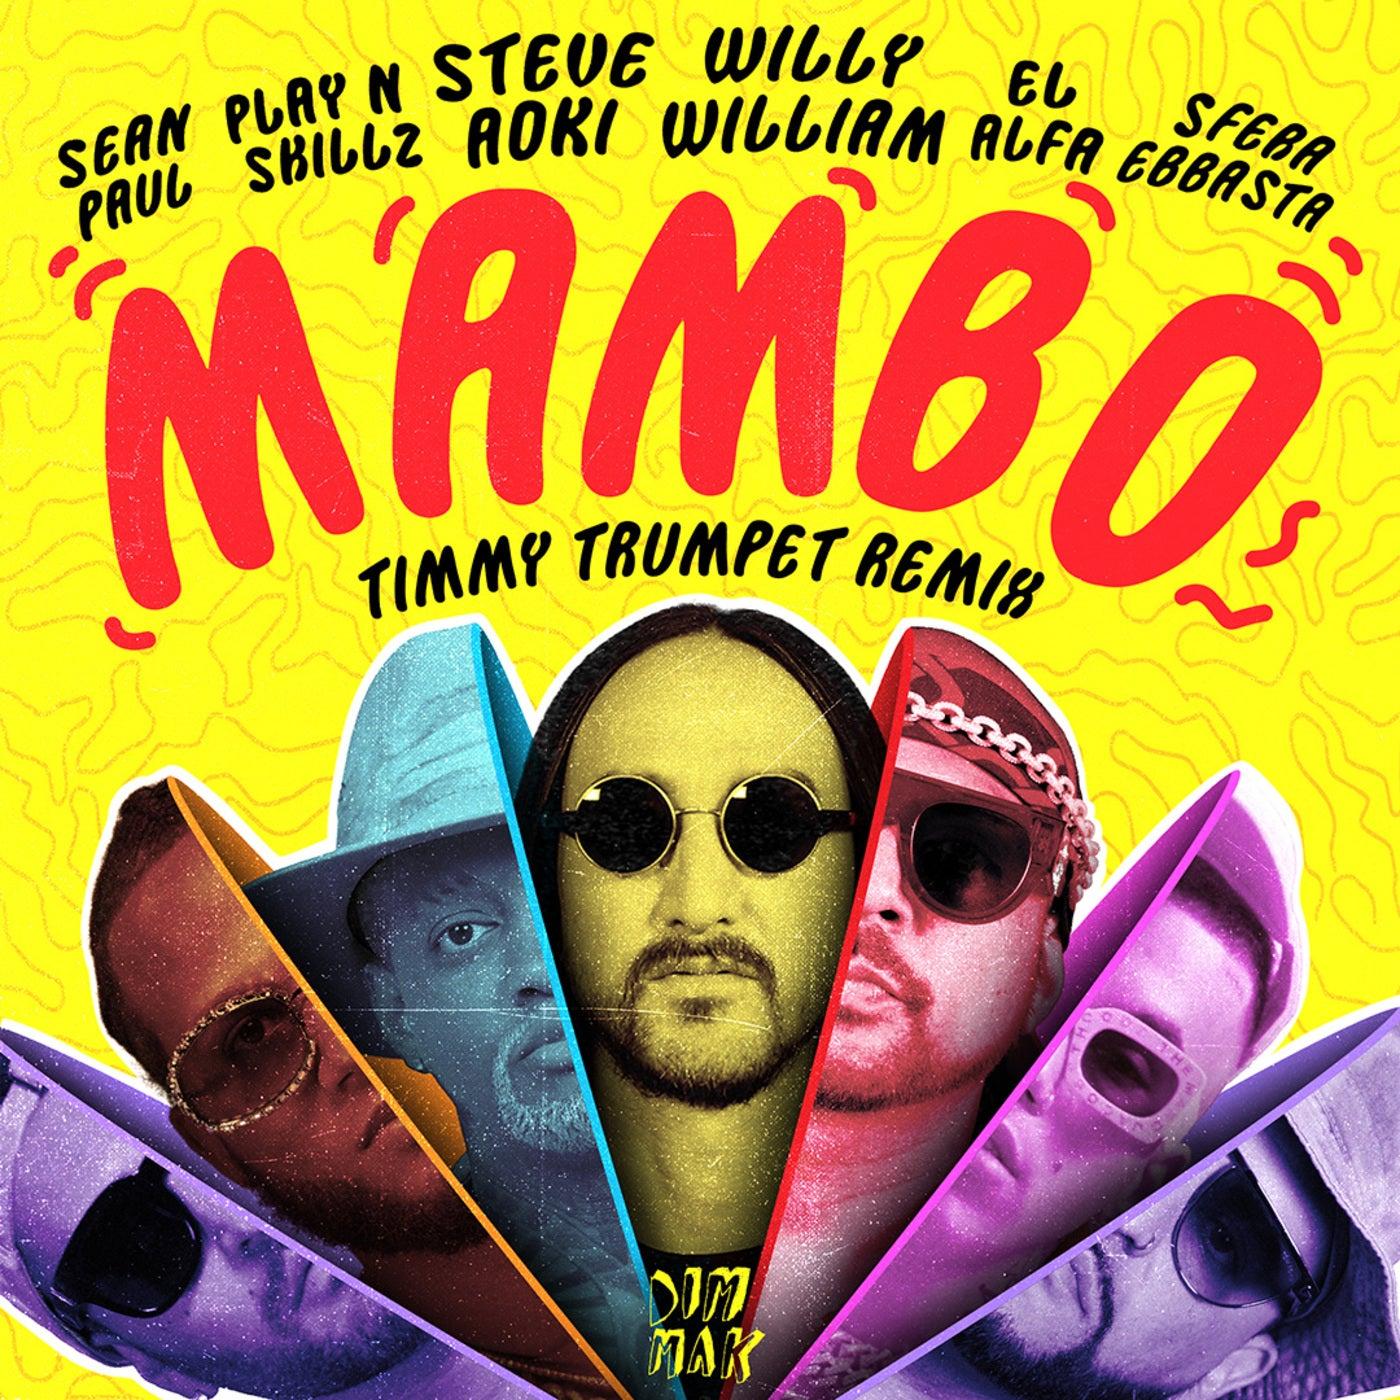 Mambo (feat. Sean Paul, El Alfa, Sfera Ebbasta & Play-N-Skillz) (Timmy Trumpet Extended Remix)